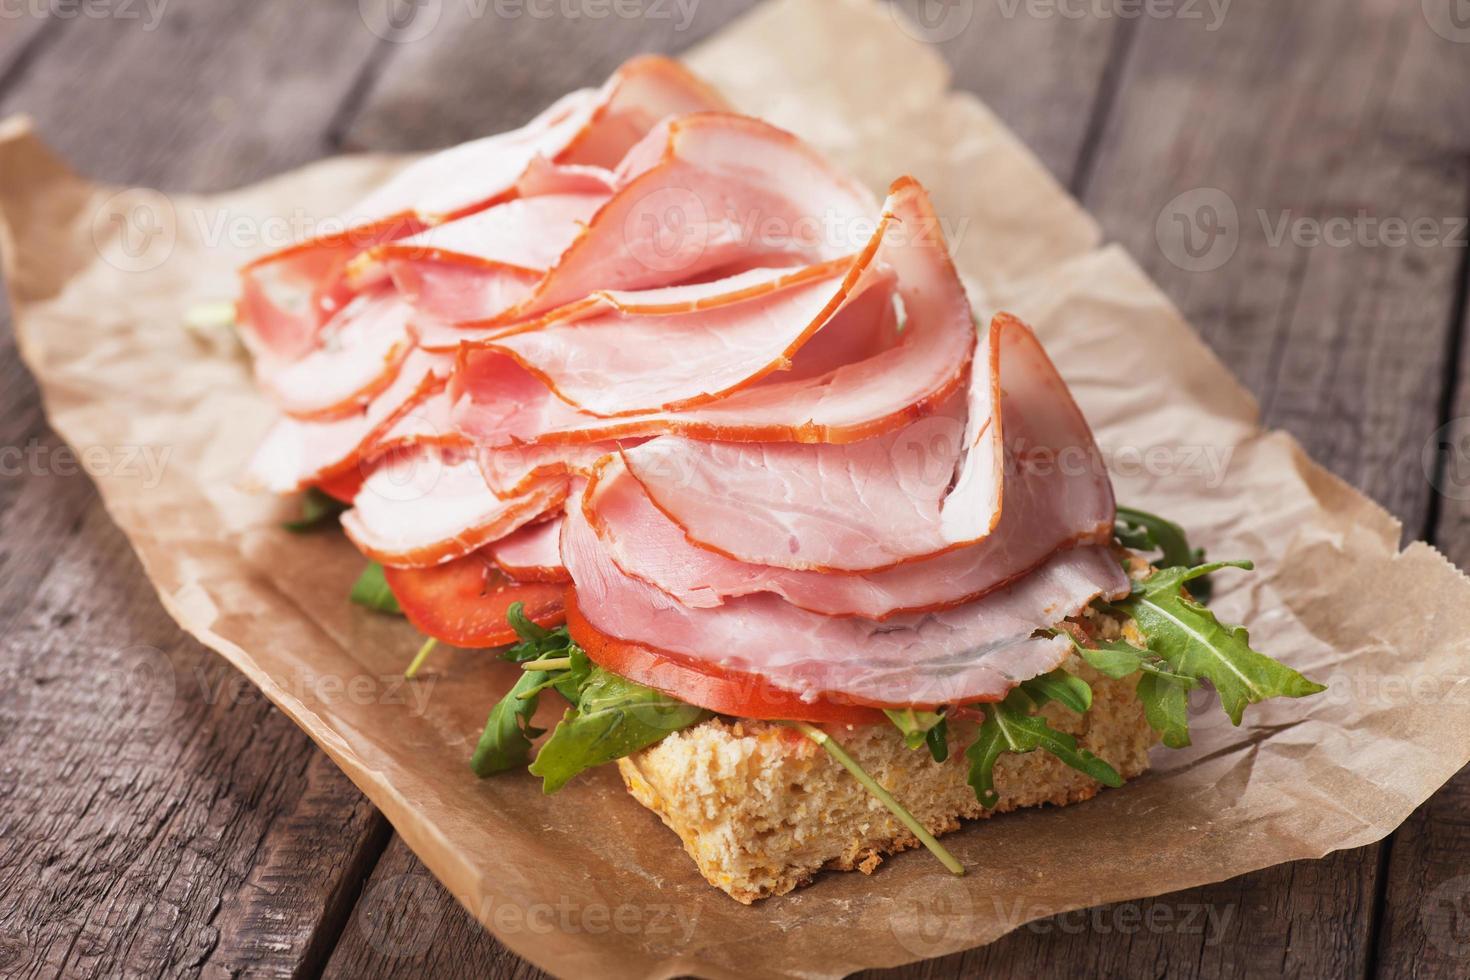 ubåtsmörgås med rökt skinka foto